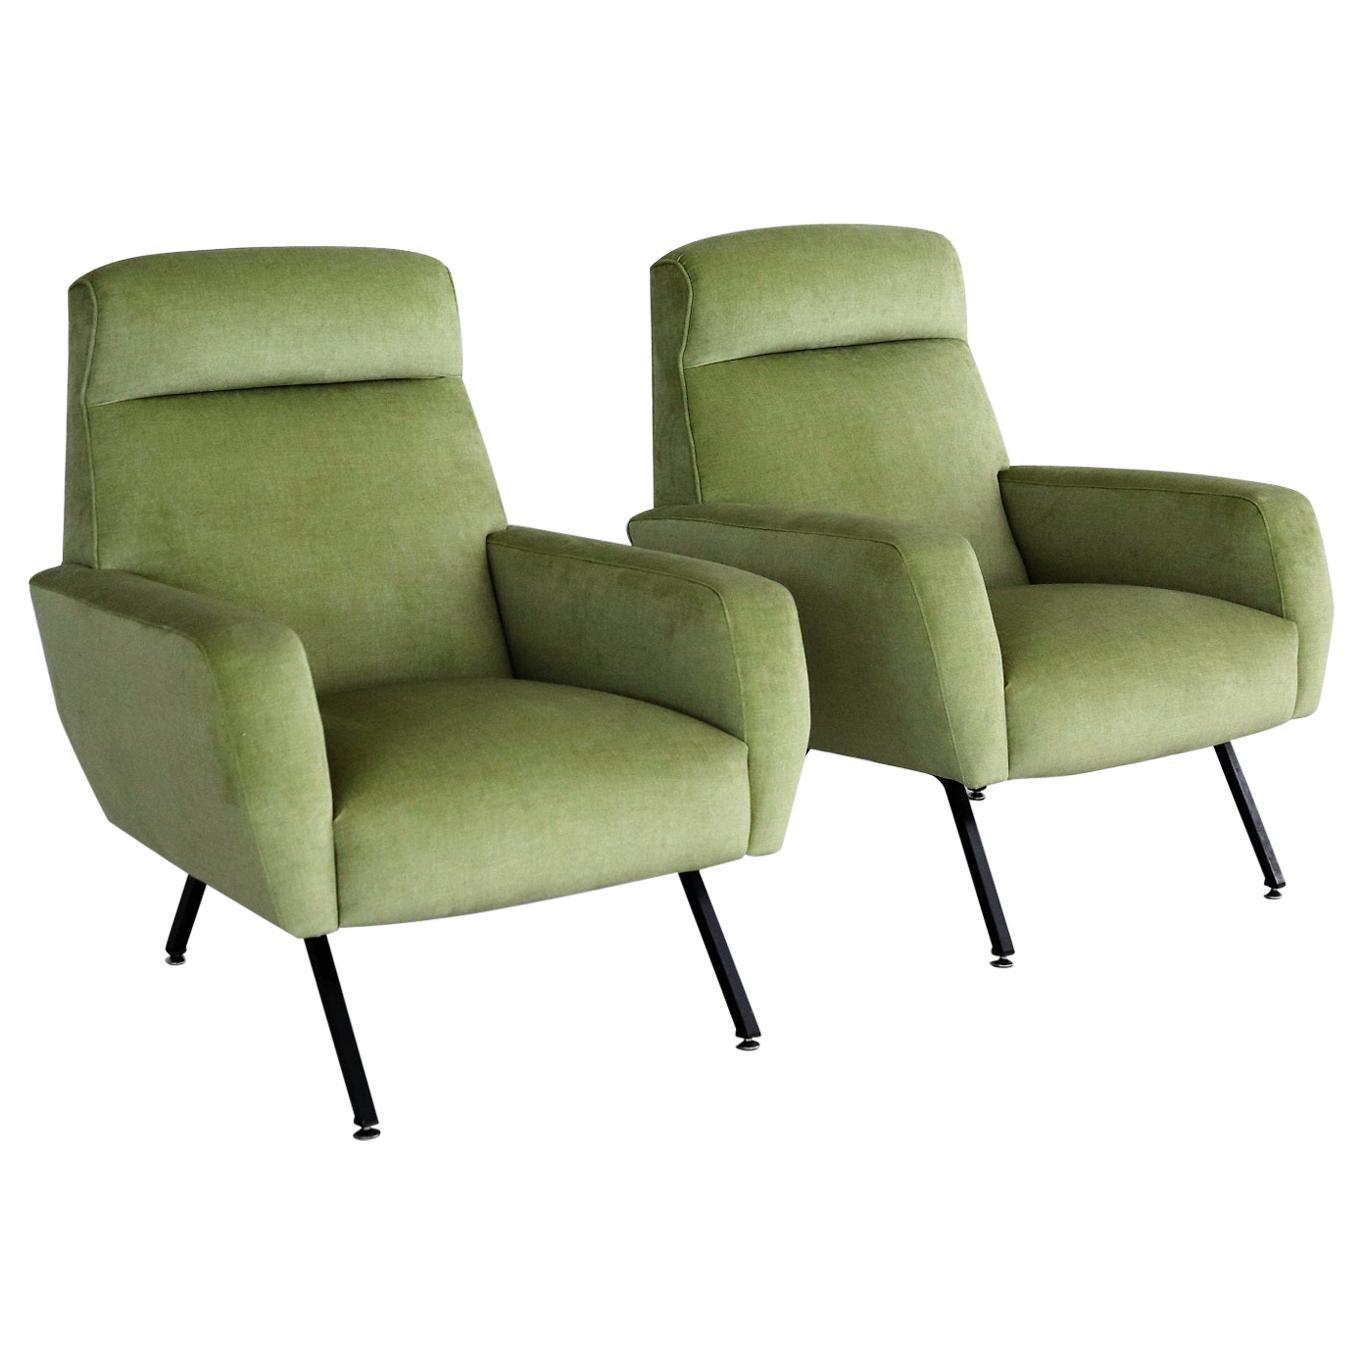 Italian Midcentury Armchairs Re-Upholstered in Green Velvet, 1960s